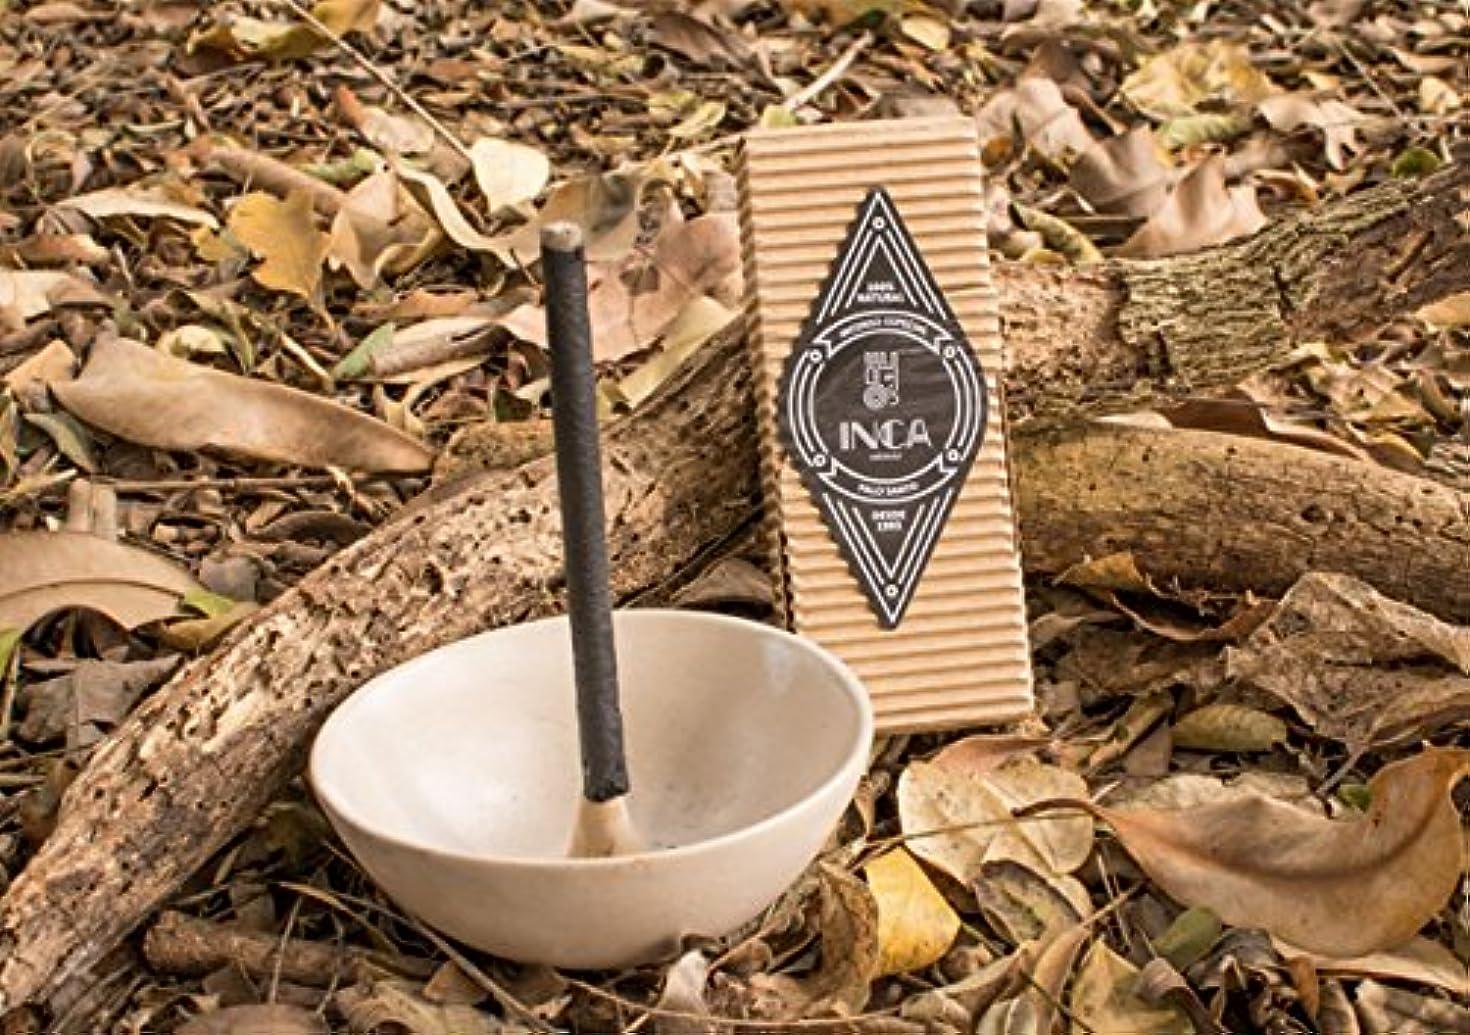 欠伸匹敵しますフォーム新しいボックスの9プレミアムPalo Santo Incense Sticks :手作り100 %ナチュラル、アーティザンand Therapeutic Incense Stickからのブラジルアマゾンフォレスト、経験正...